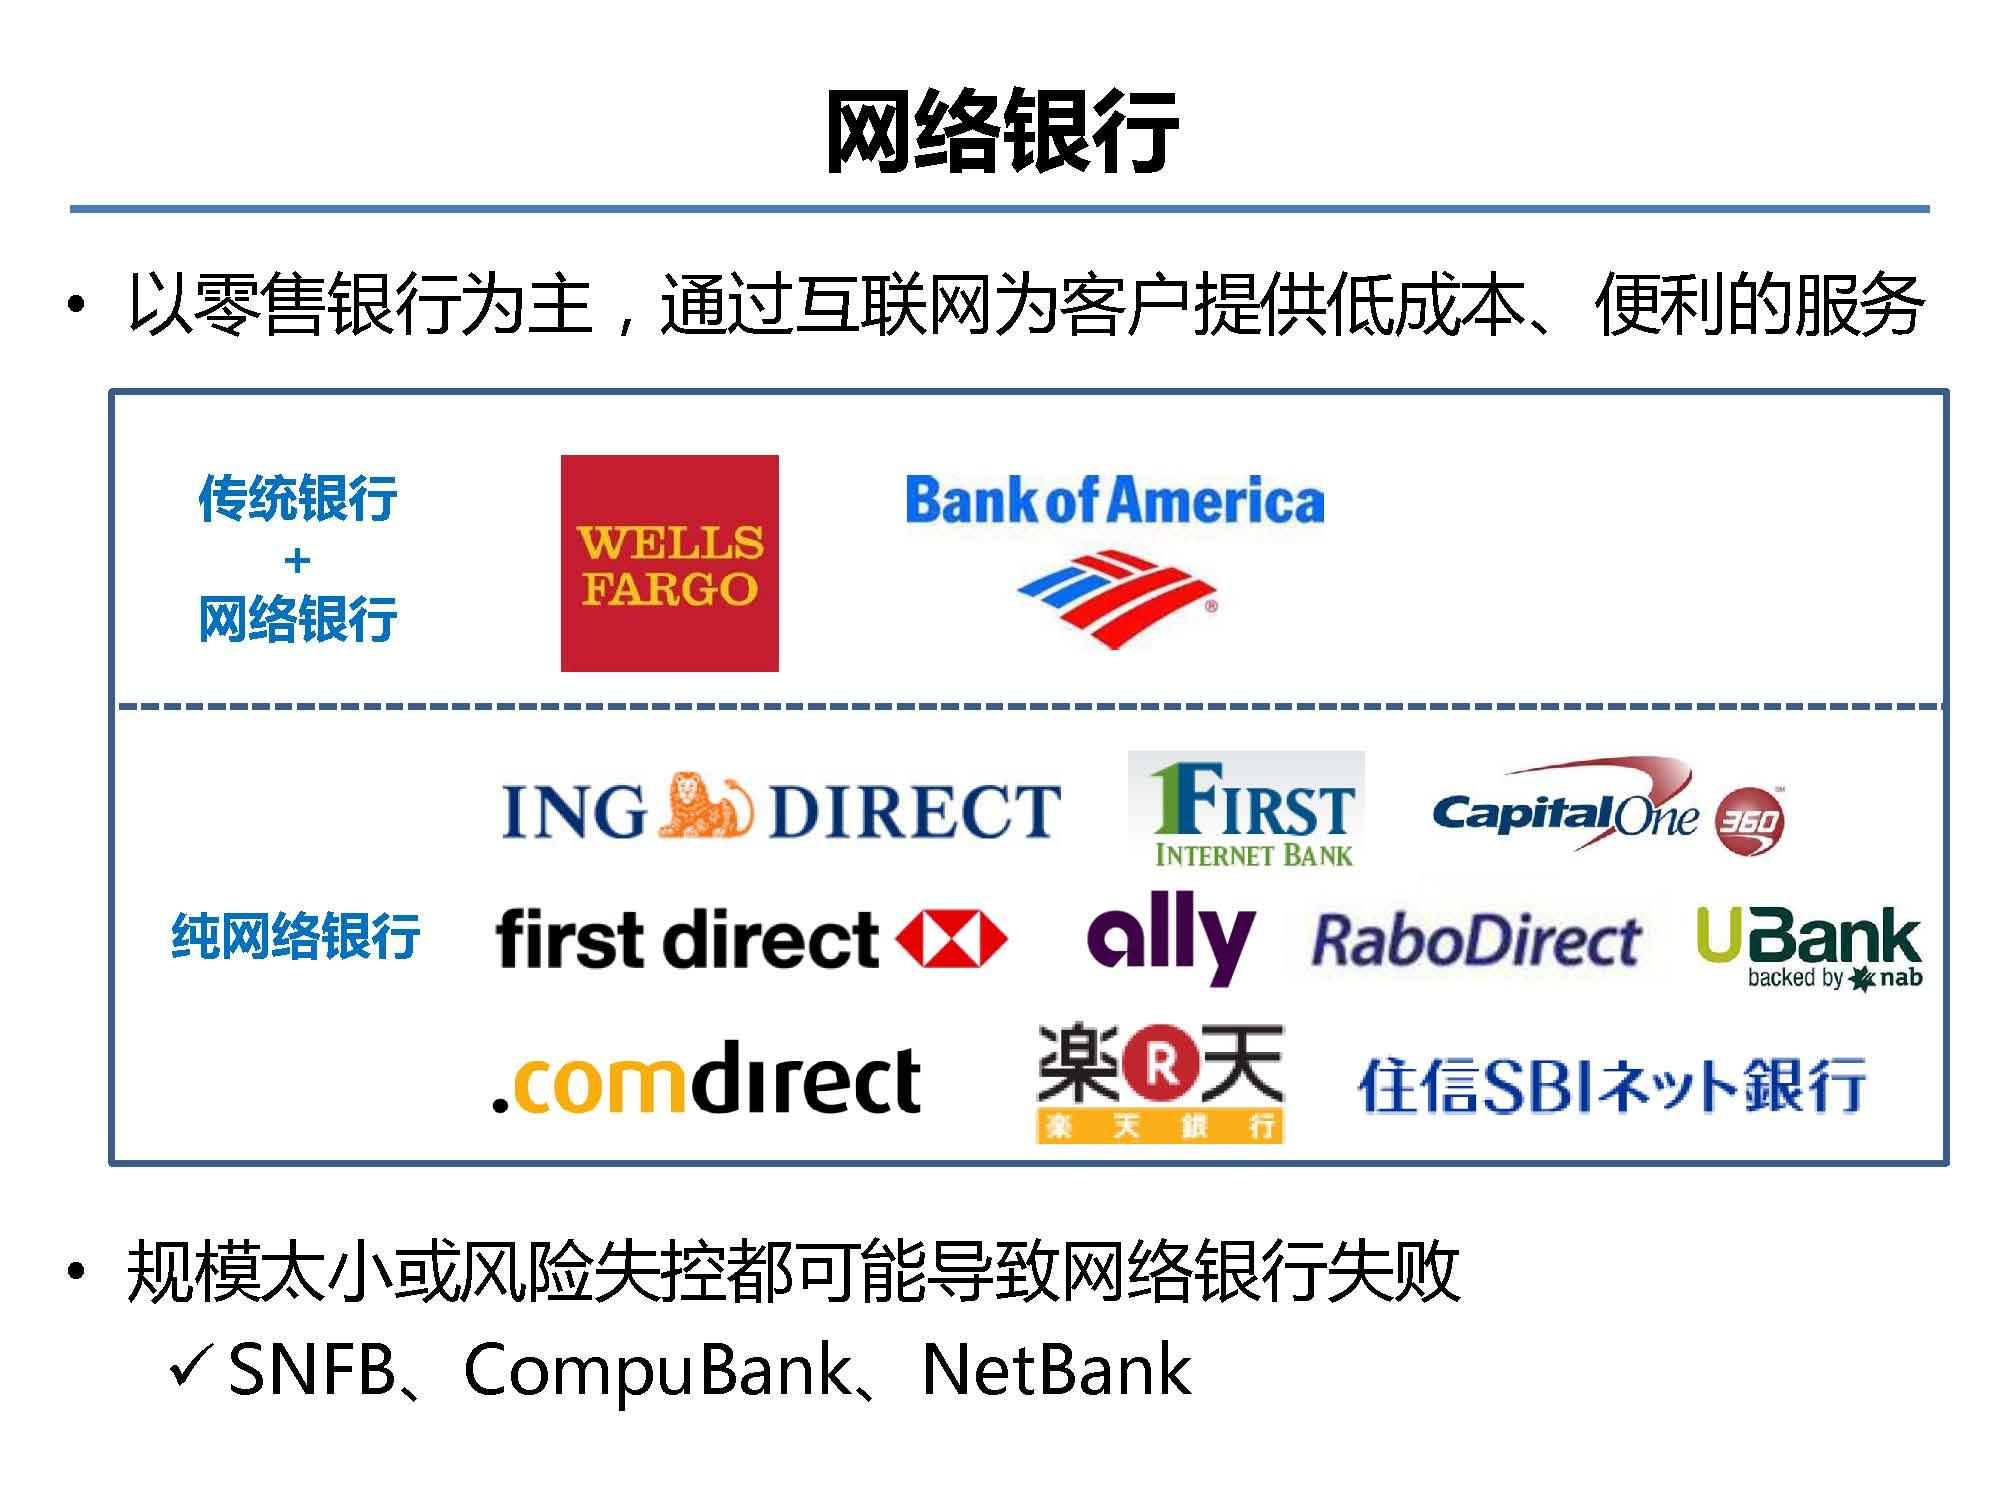 互联网金融行业全景及展望_蚂蚁金服评论_Page_12.jpg